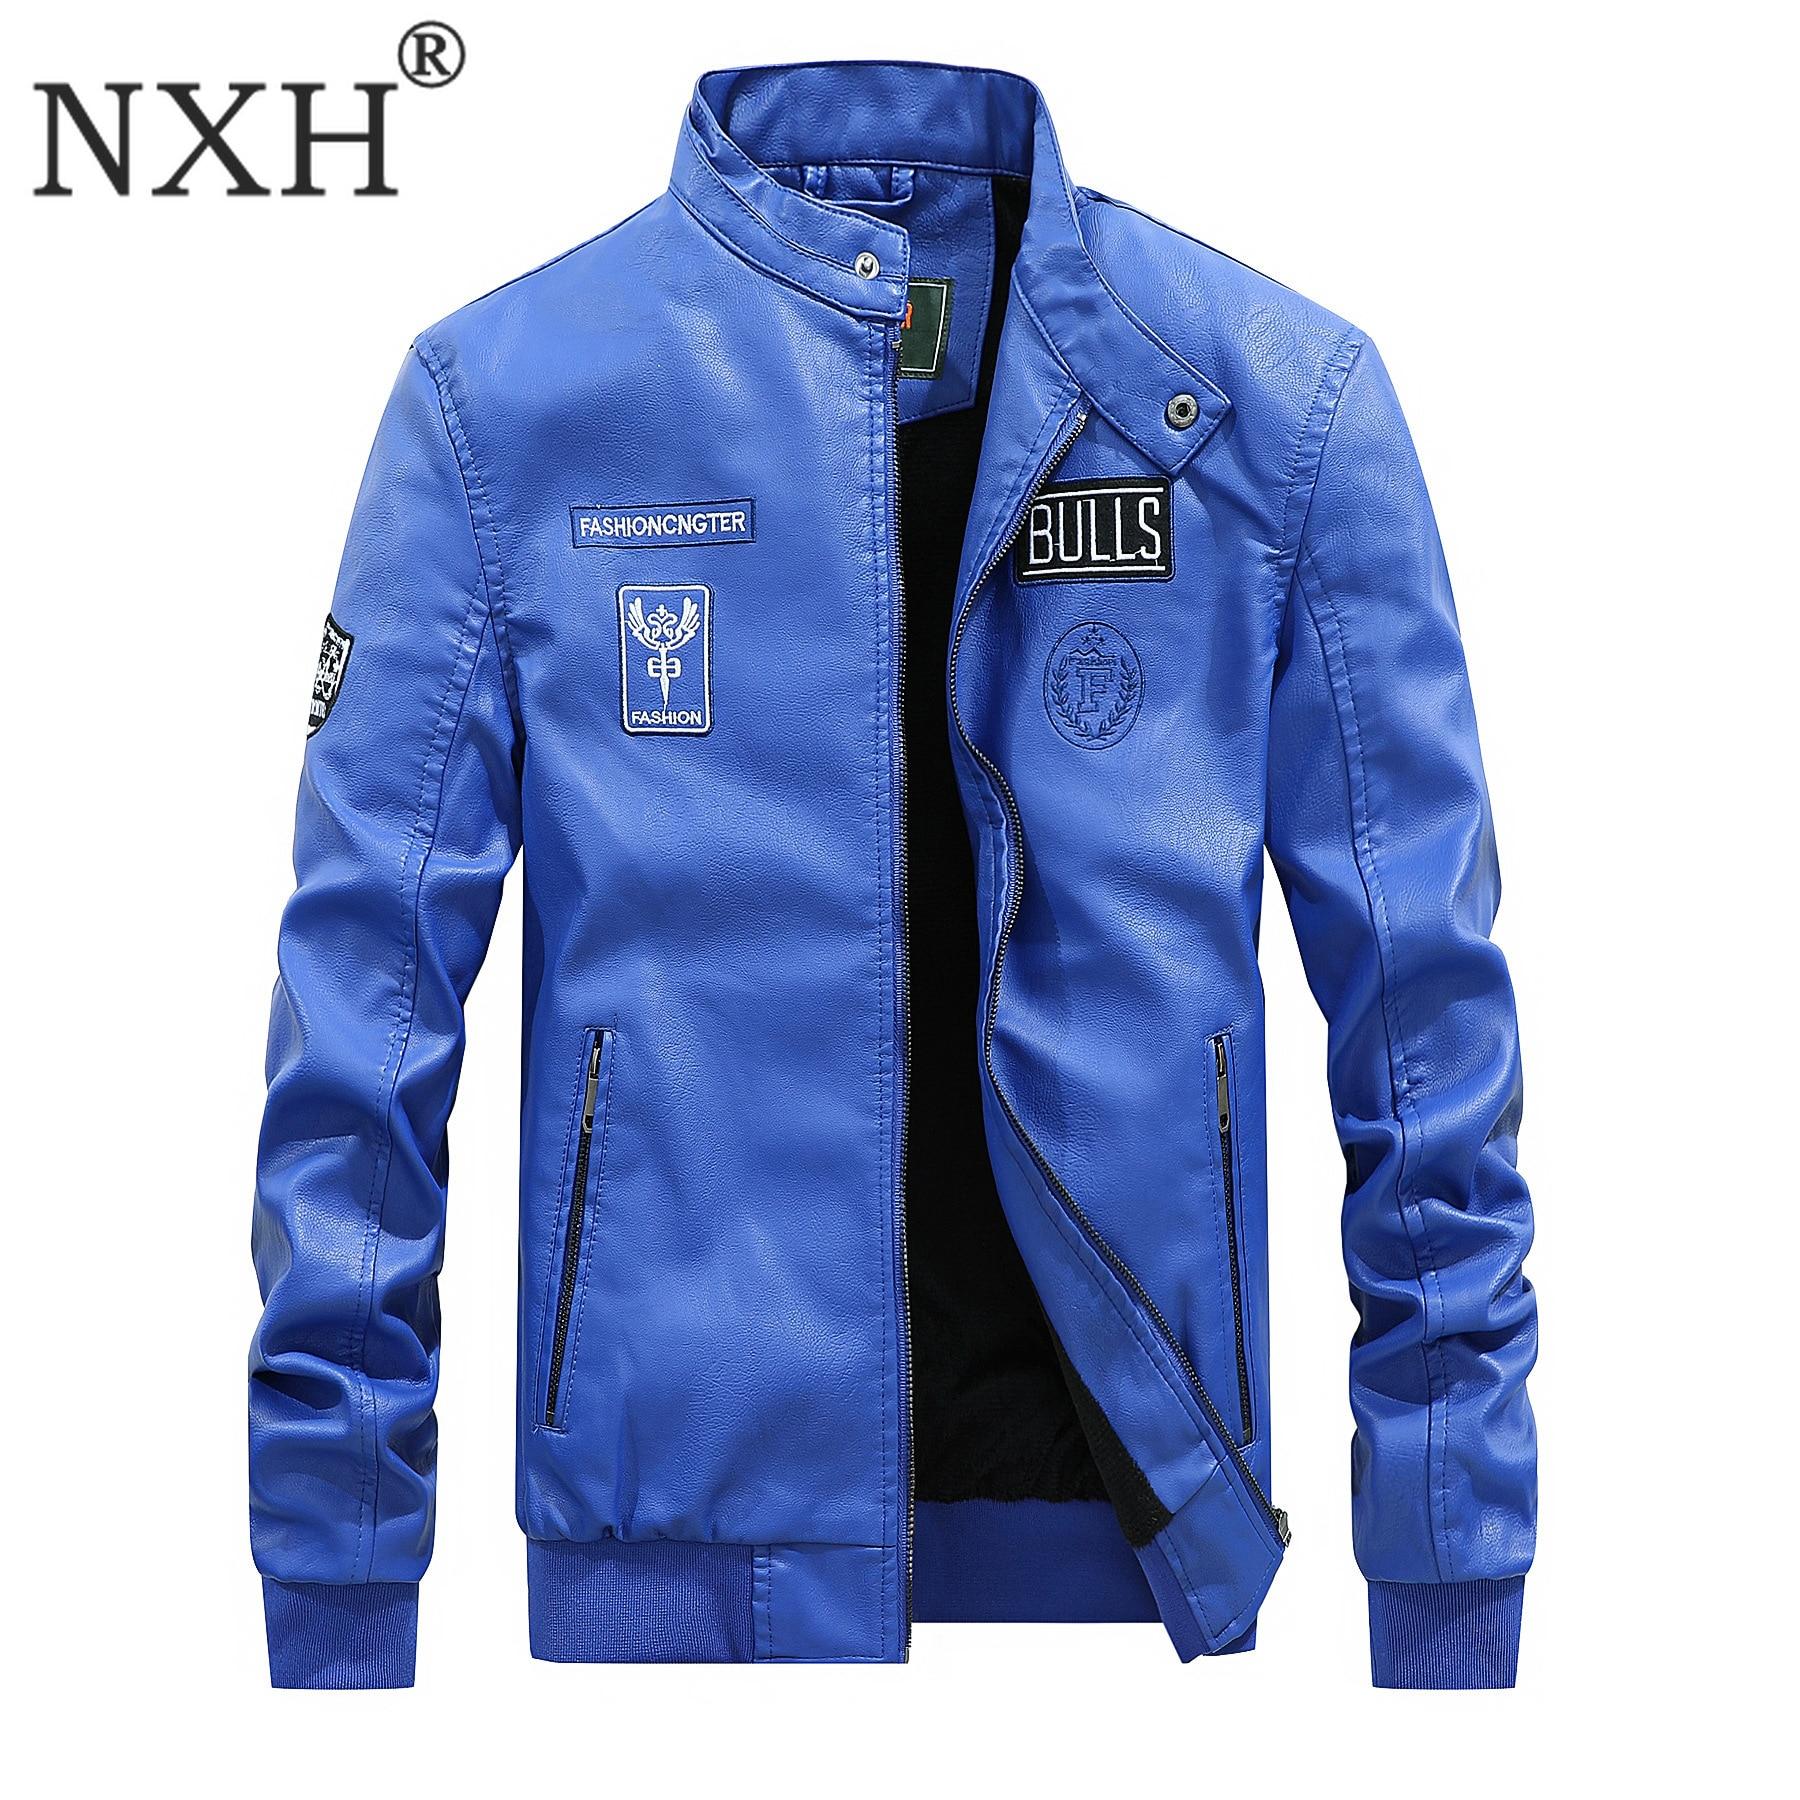 NXH Stand veste en cuir hommes Moto & motard doublure en laine Jaket hiver Faux cuir velours manteau bleu Bulls bomber veste col roulé